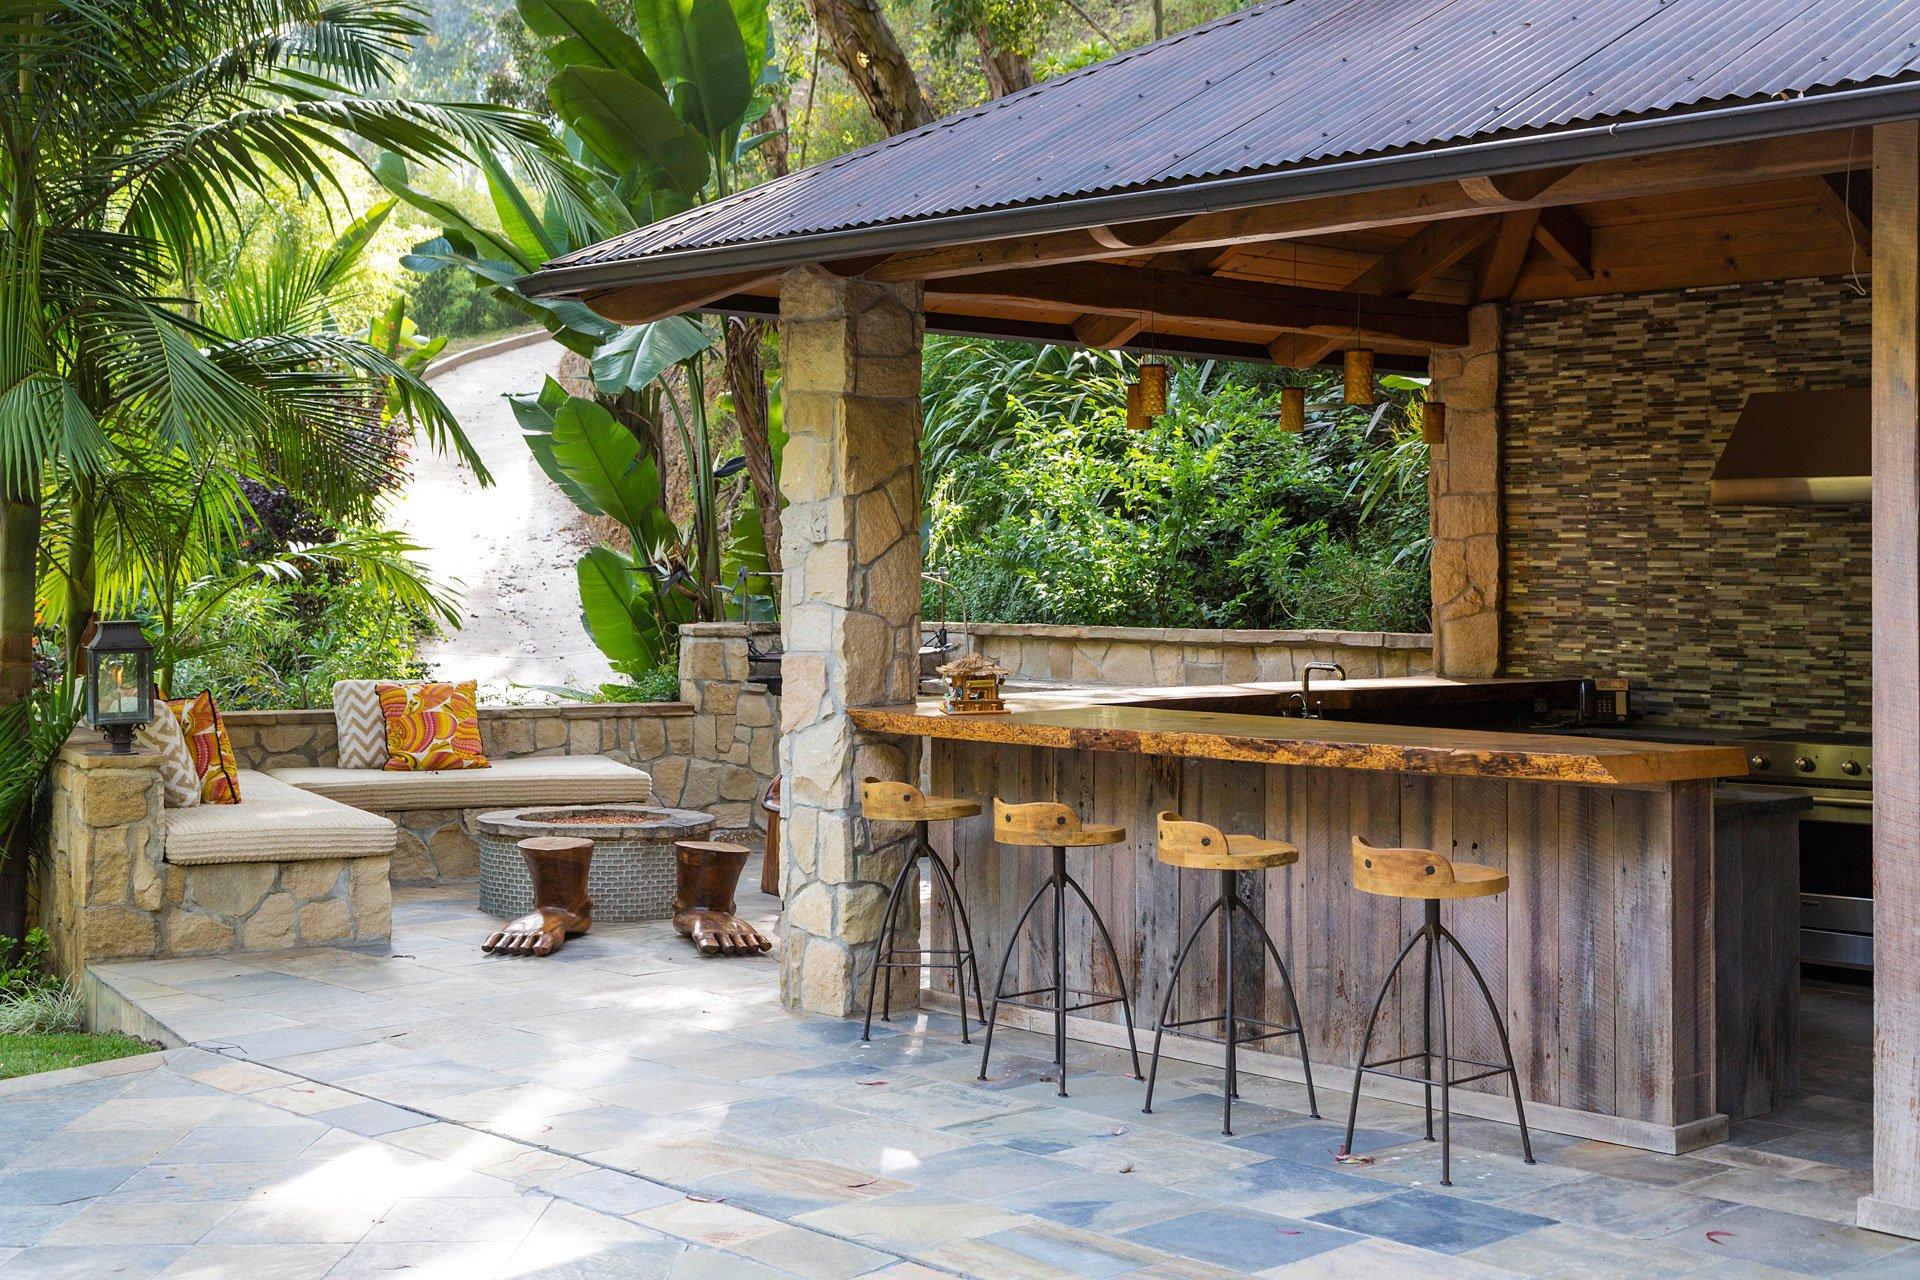 Jennifer Lopez podrá preparar deliciosasbarbecue para sus amigos, mientras disfrutan de un día al aire libre